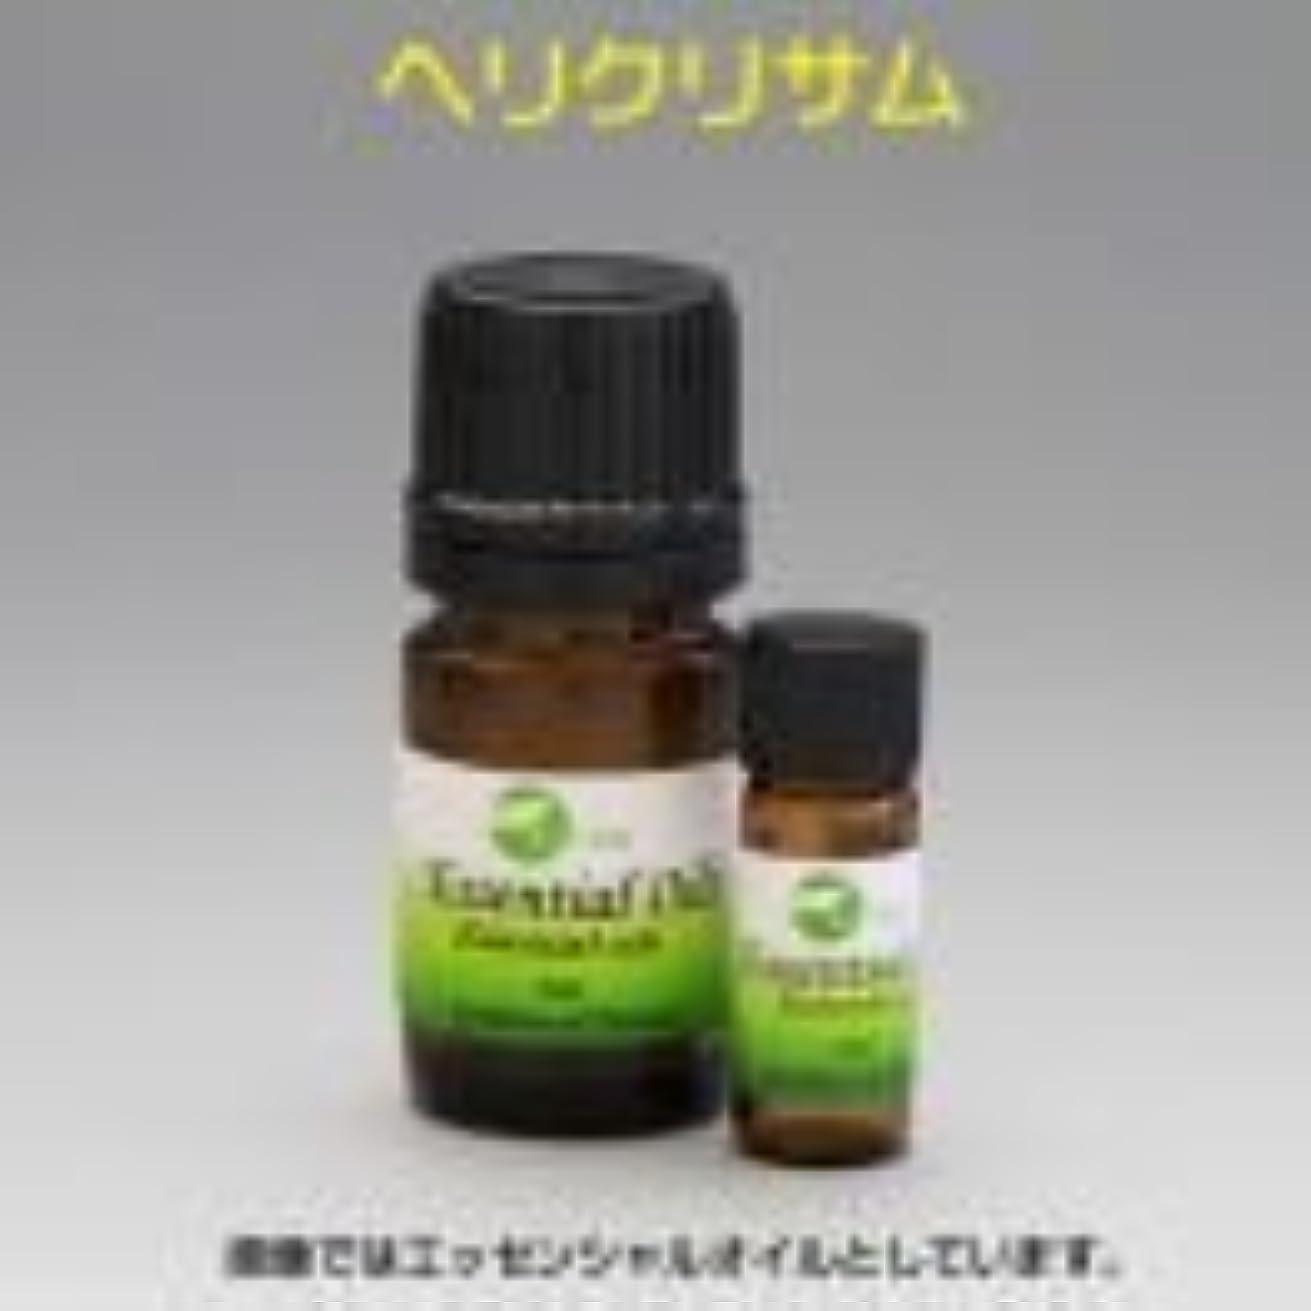 起点浸食はさみ[エッセンシャルオイル] ウッディーで甘美な香り ヘリクリサム 2ml